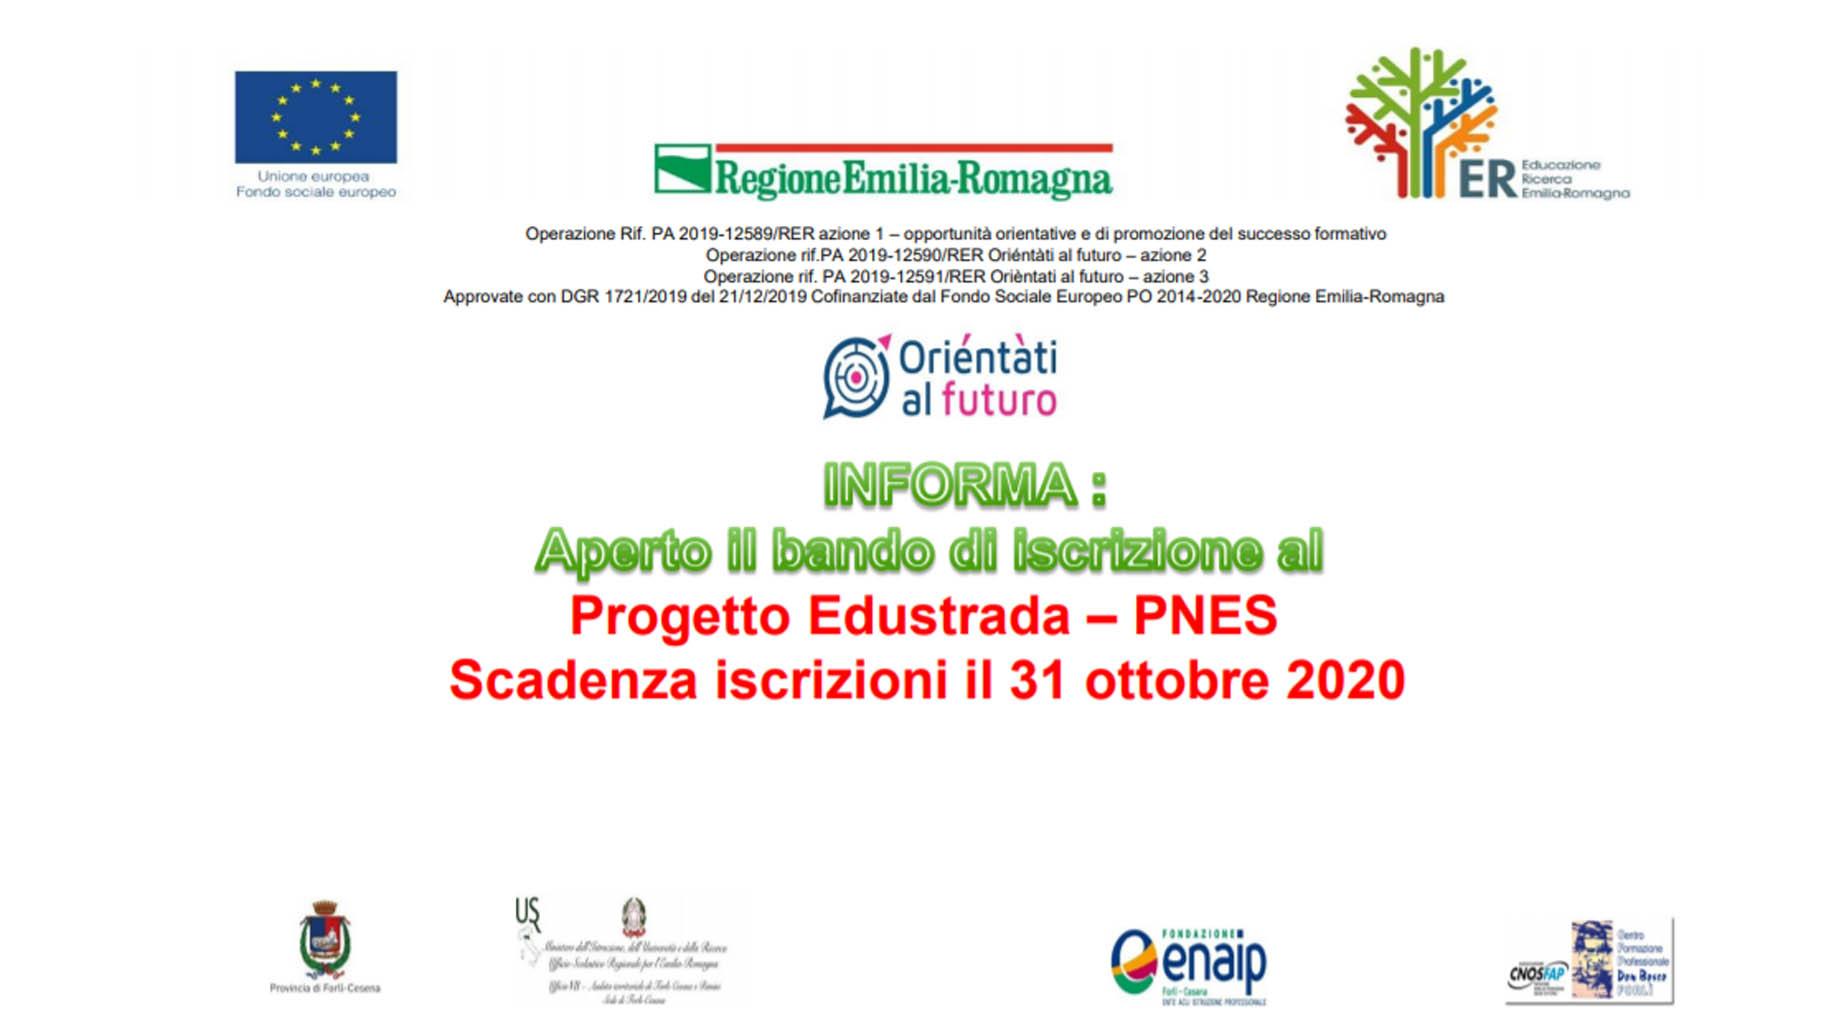 Bando di iscrizione al Progetto Edustrada - PNES